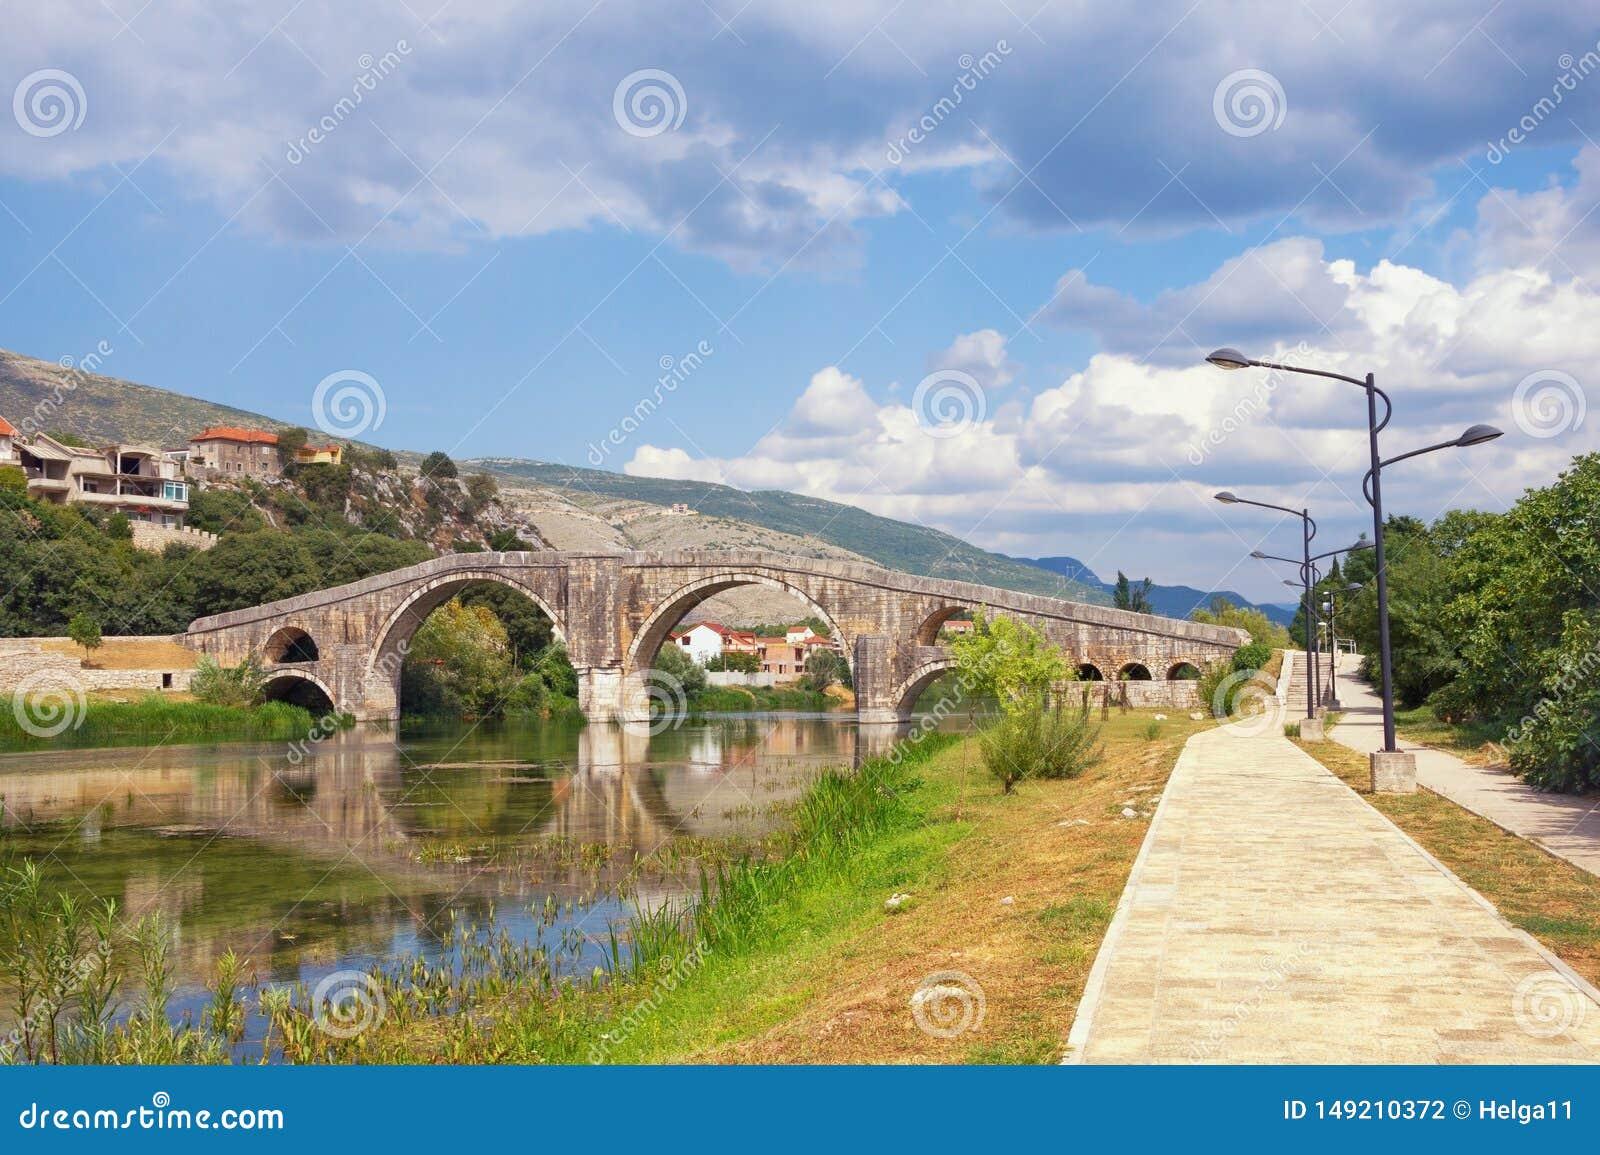 Όμορφο θερινό τοπίο με την παλαιά γέφυρα πετρών Βοσνία-Ερζεγοβίνη, άποψη του ποταμού Trebisnjica, ανάχωμα της πόλης Trebinje